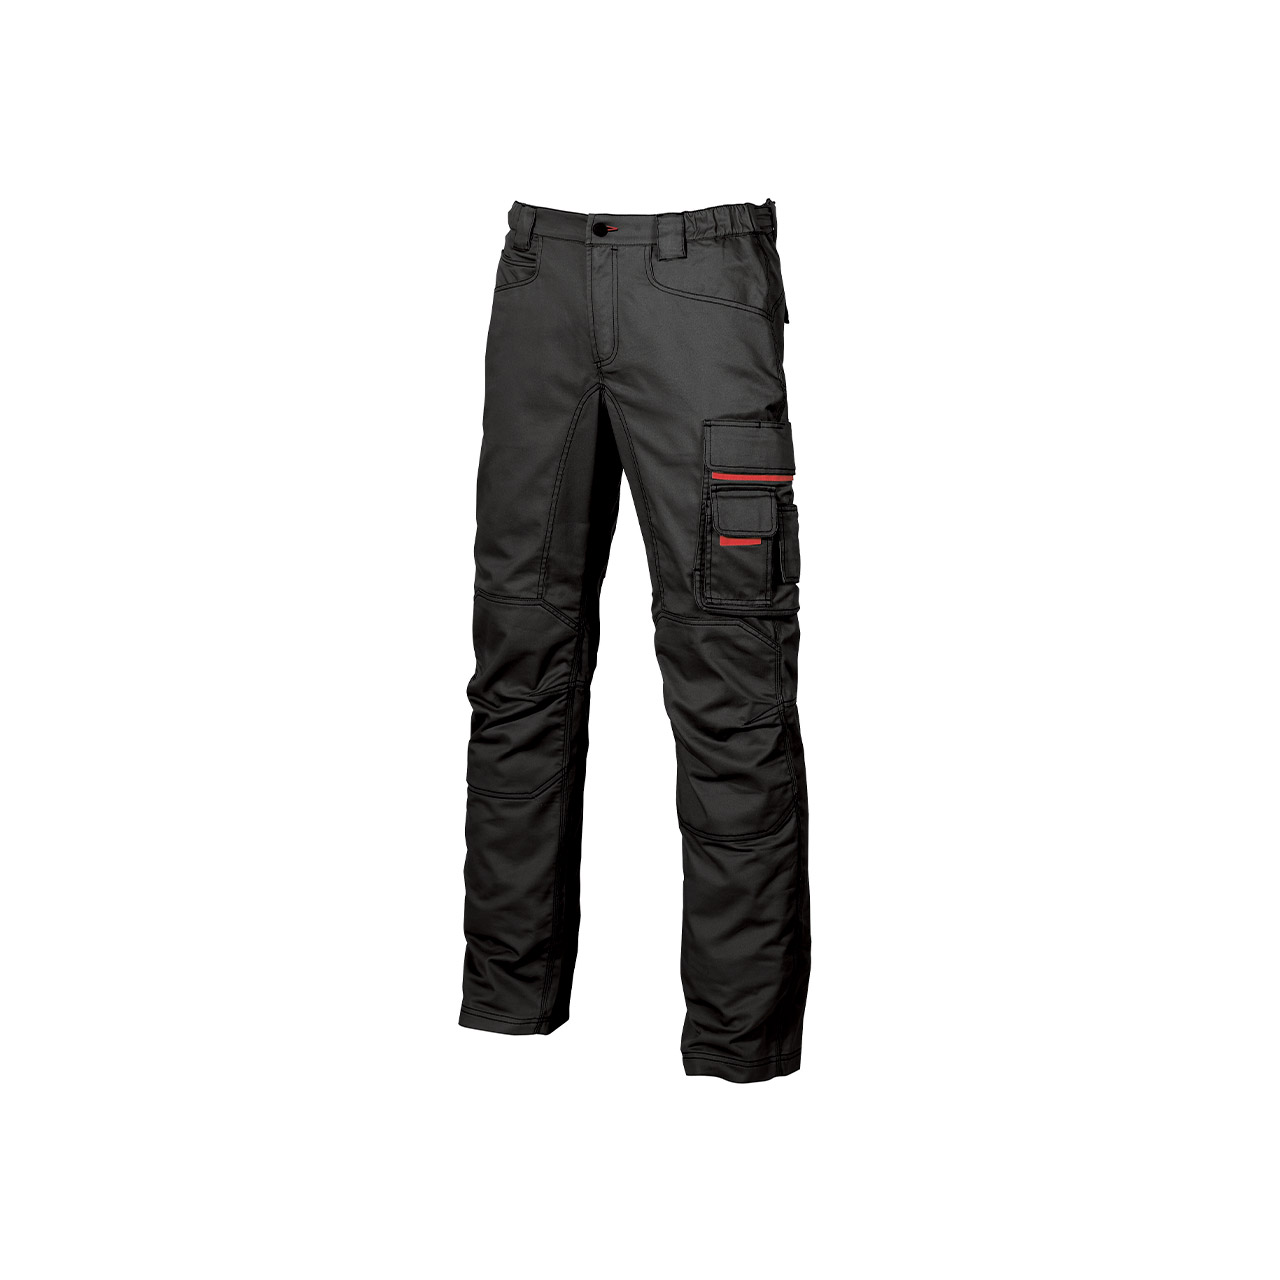 pantalone da lavoro upower modello smile colore black c